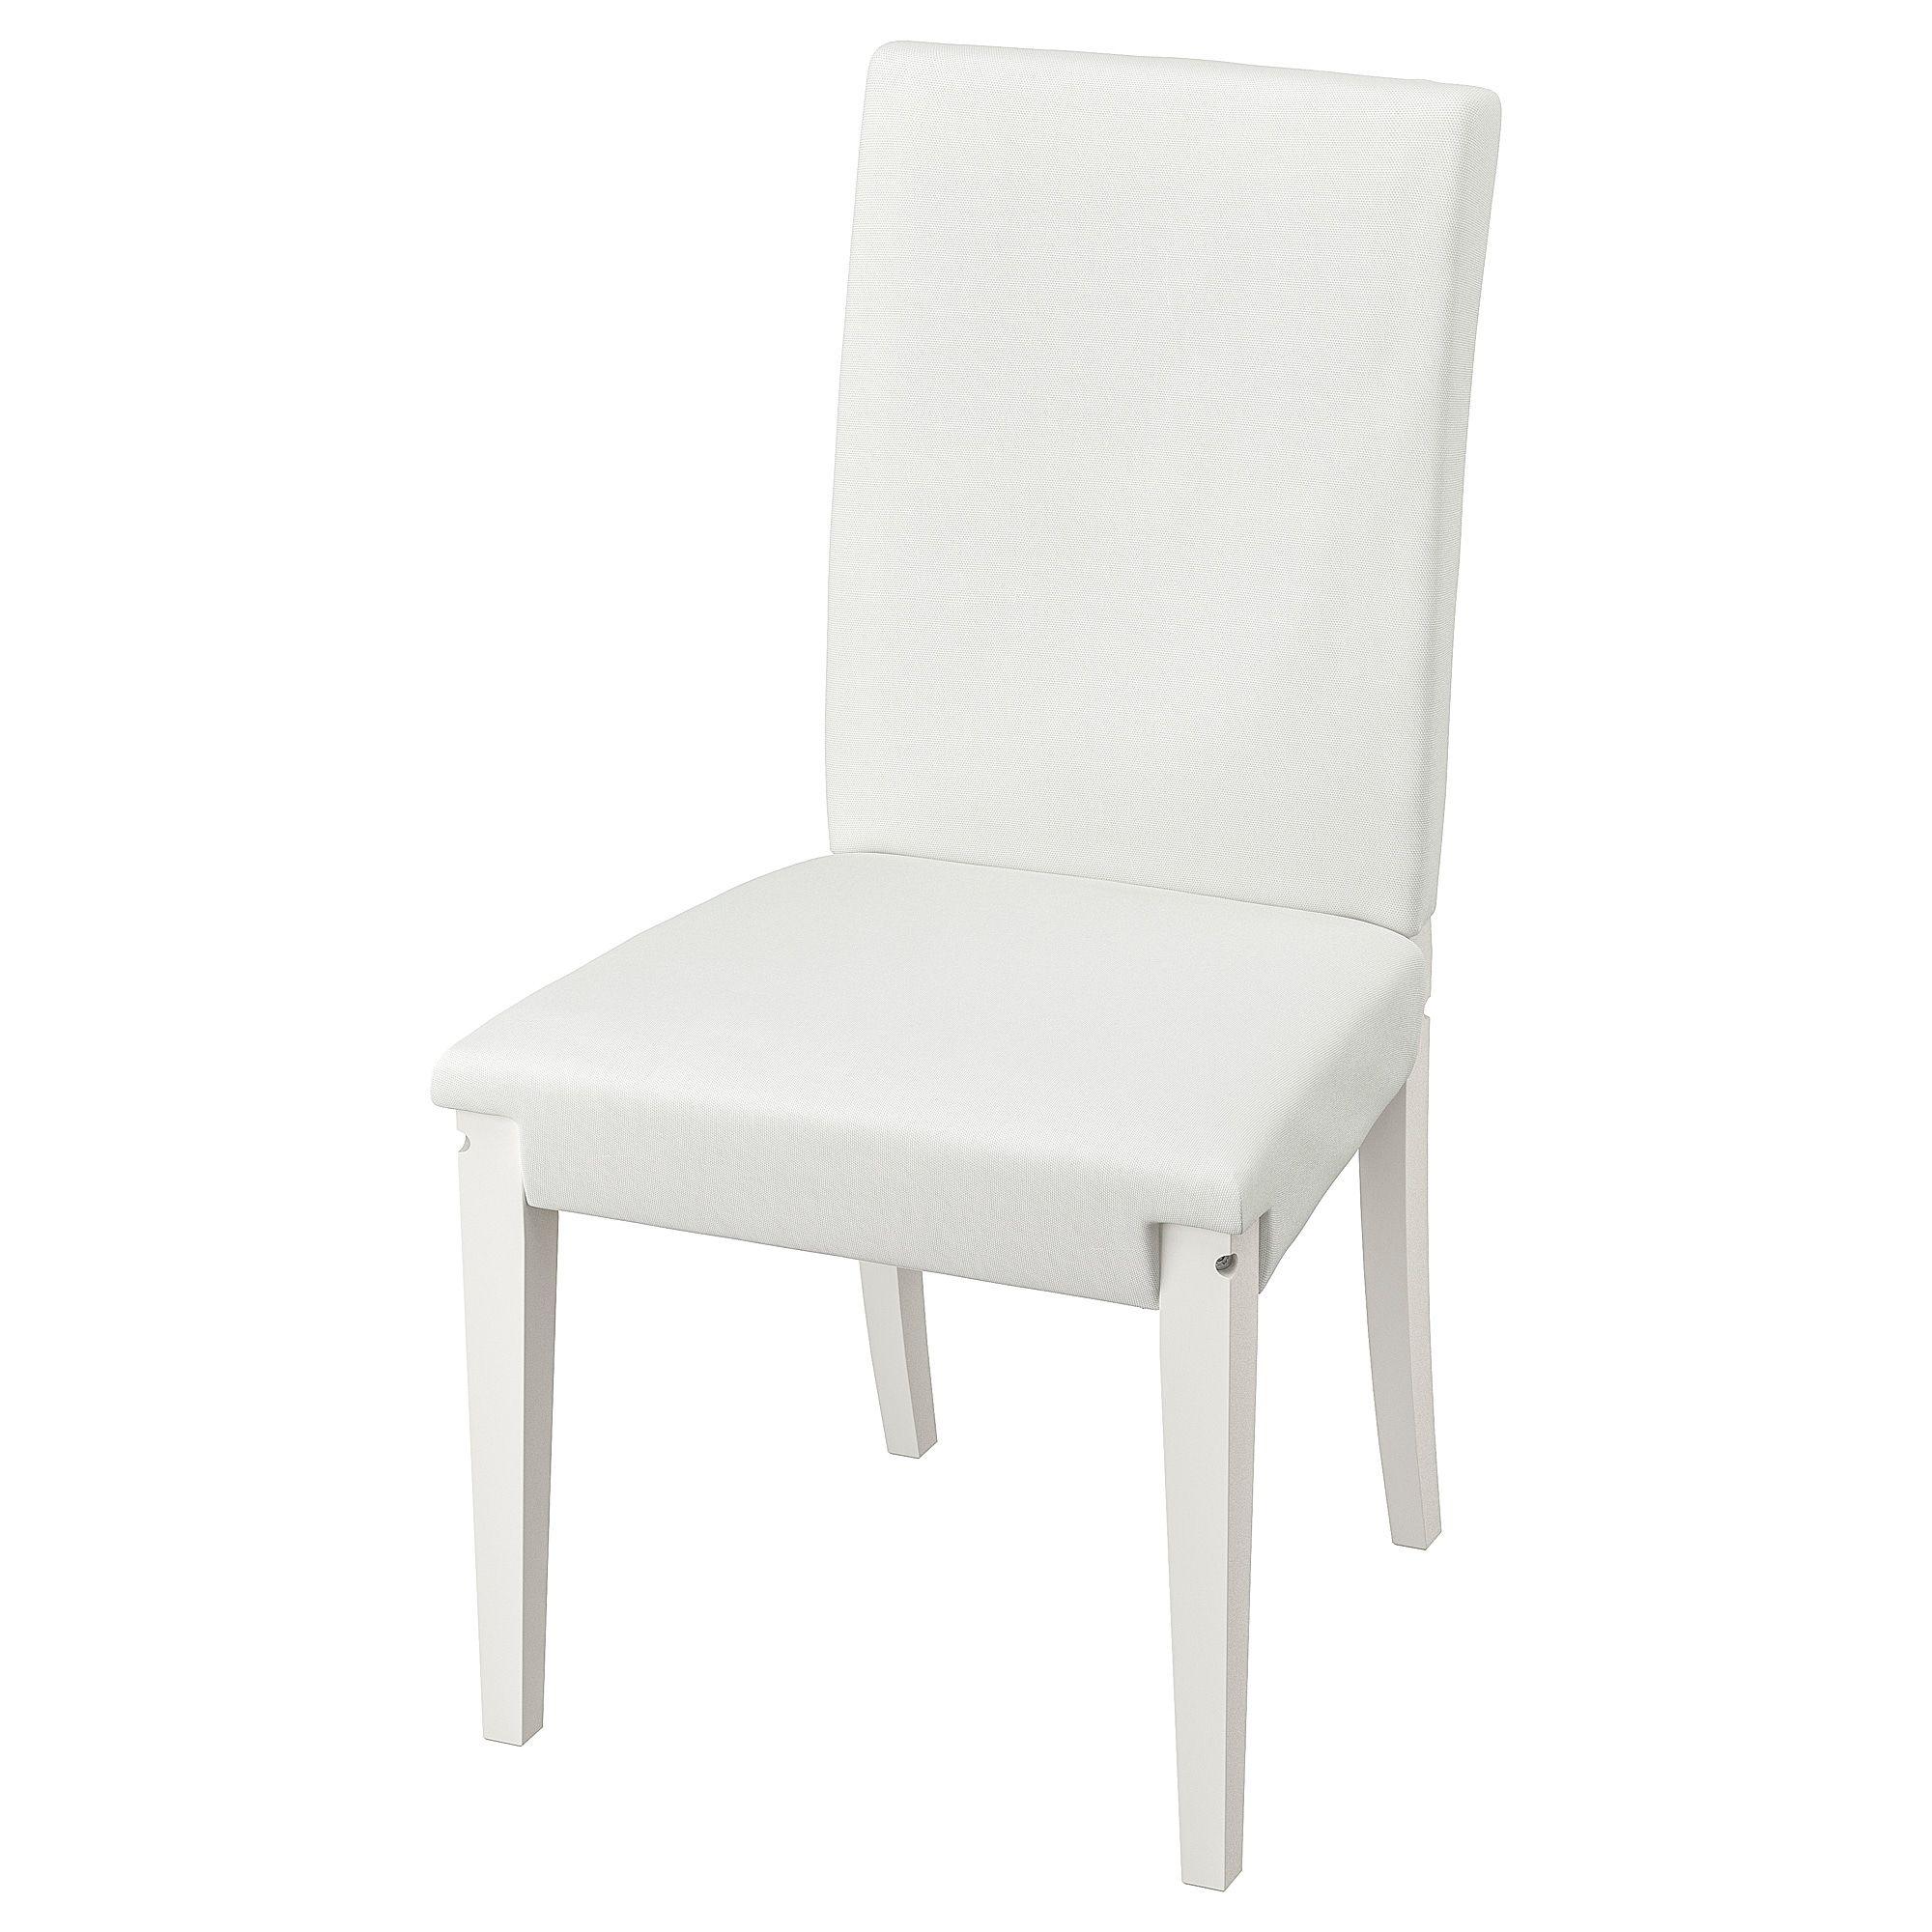 HENRIKSDAL Chair frame white IKEA Henriksdal chair